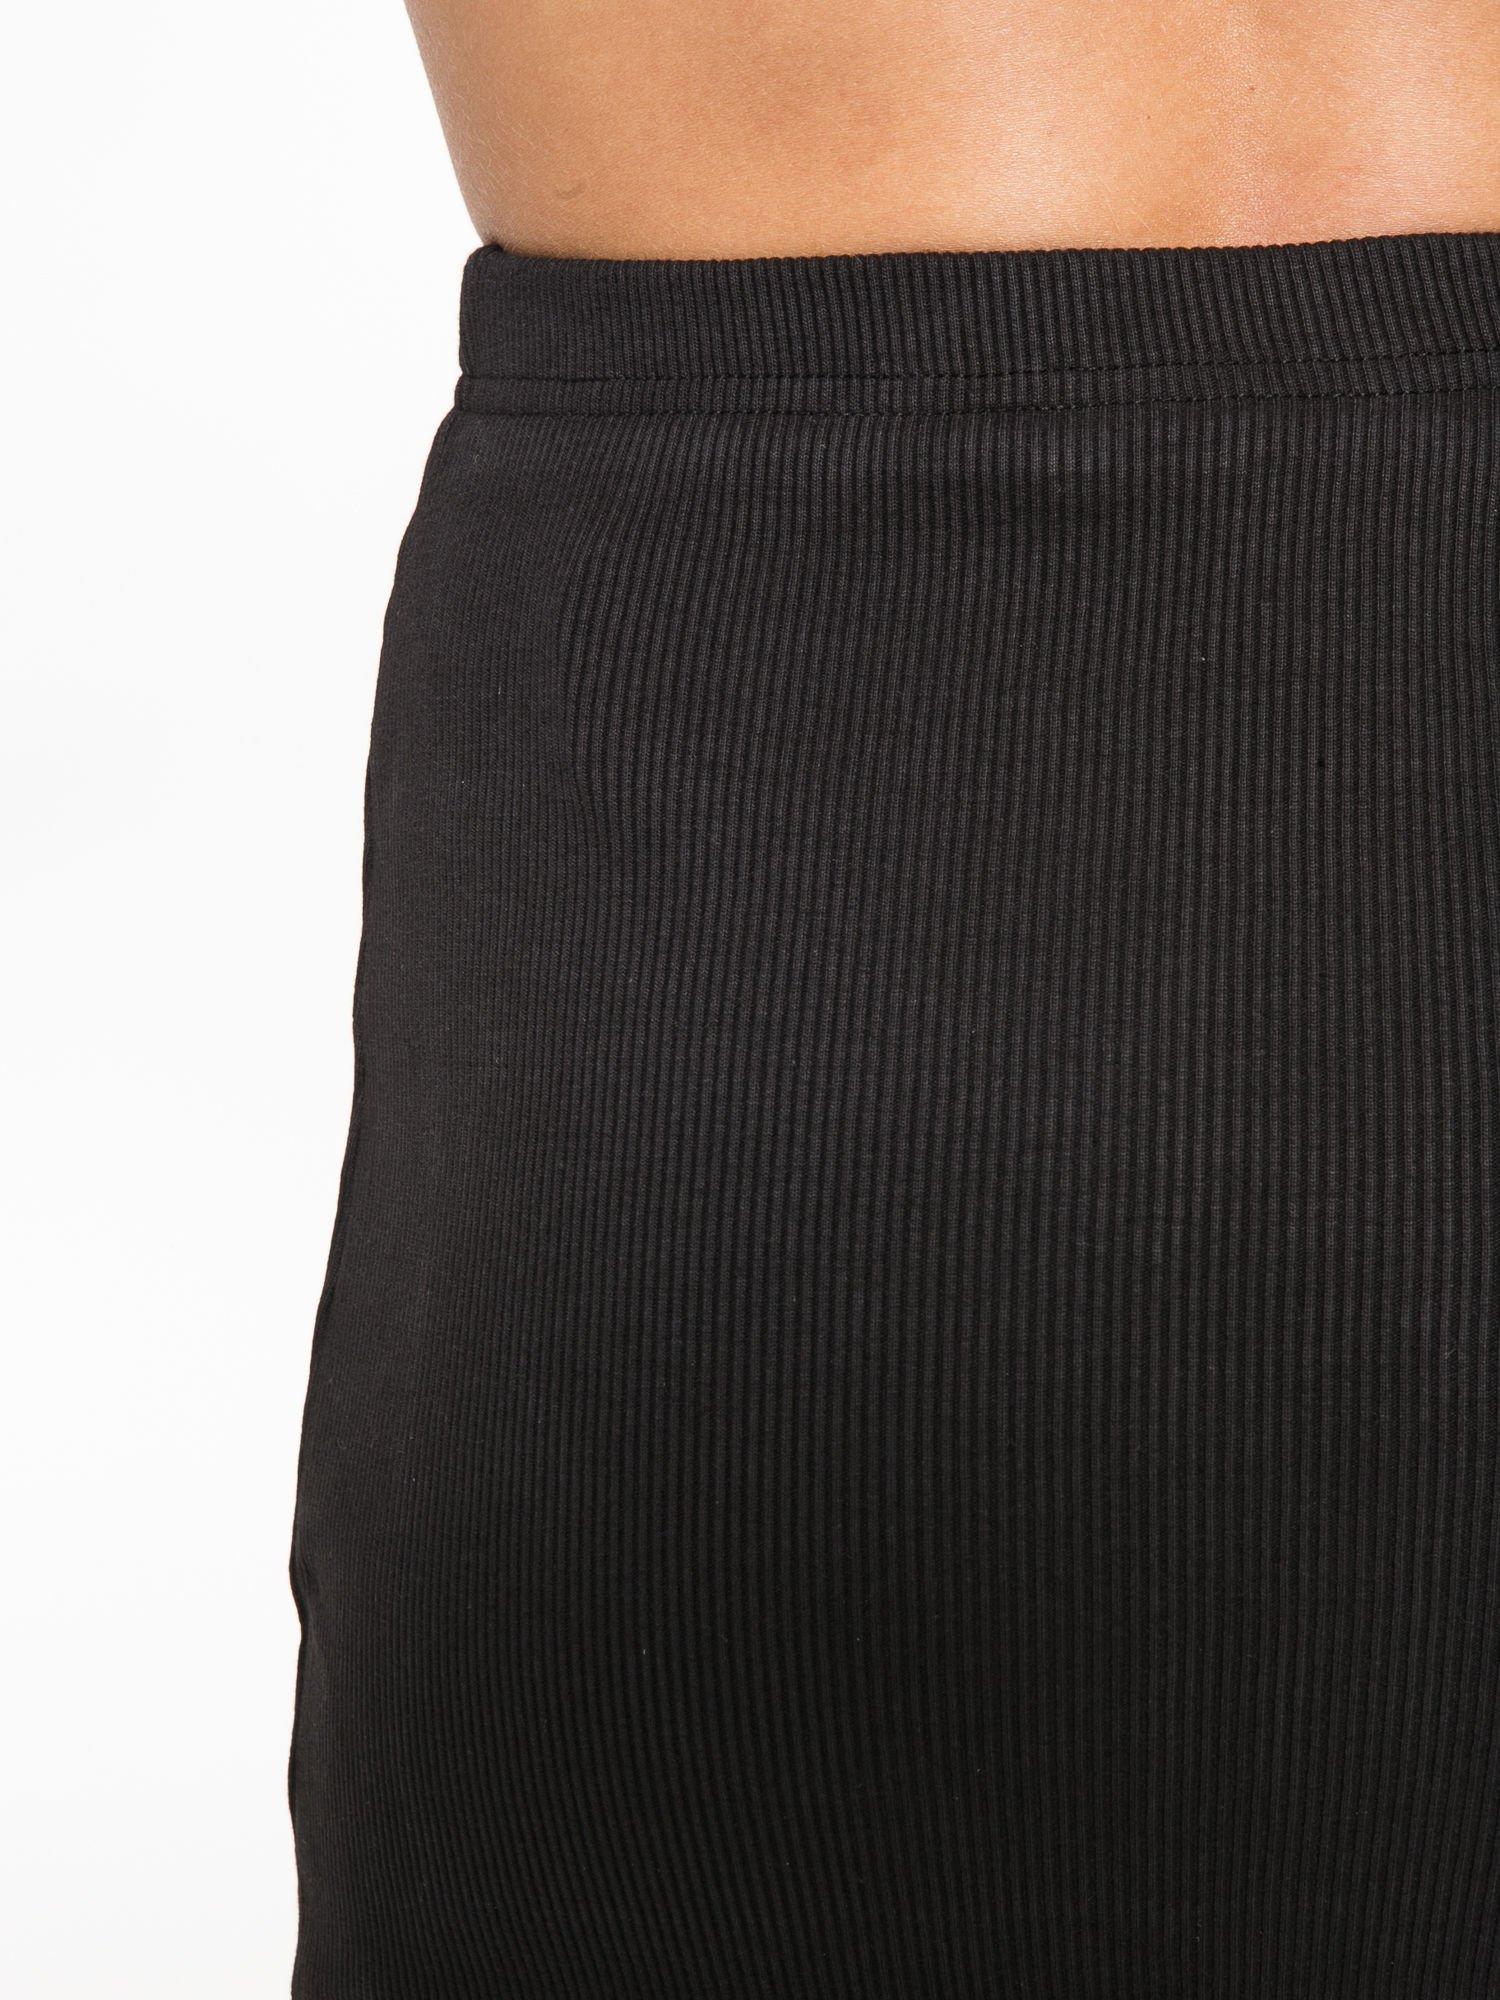 Czarna spódnica midi z suwakiem z przodu                                  zdj.                                  9